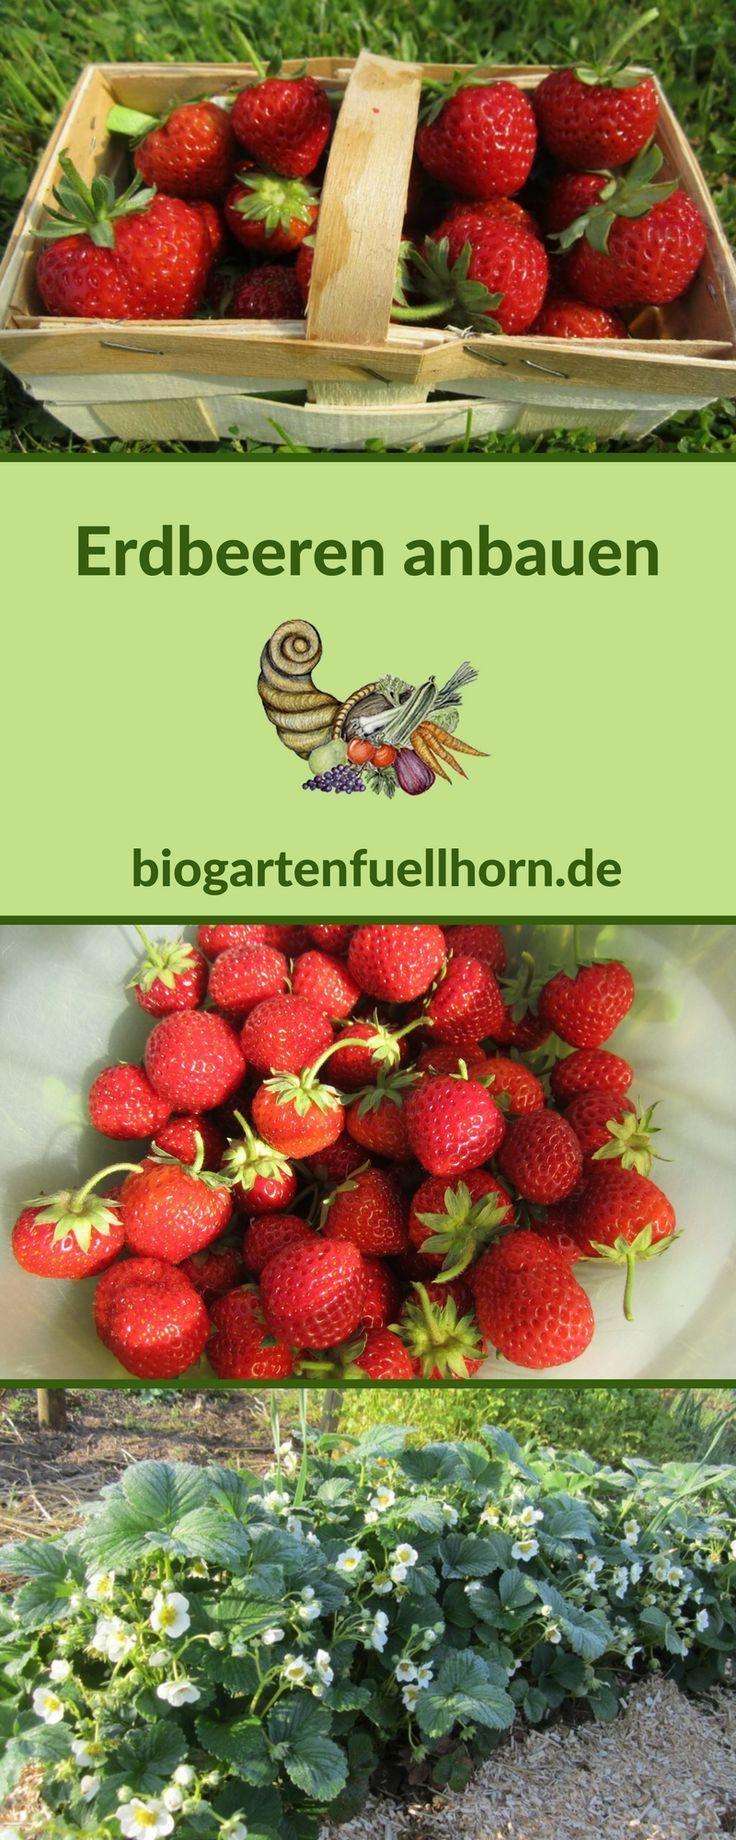 Wie Man Erdbeeren Im Garten Anbaut Lesen Sie Hier Um Mehr Zu Erfahren He Garden Anbaut Erdbeeren Erfahren Garden Garten Erdbeeren Garten Erdbeeren Anbauen Und Erdbeeren